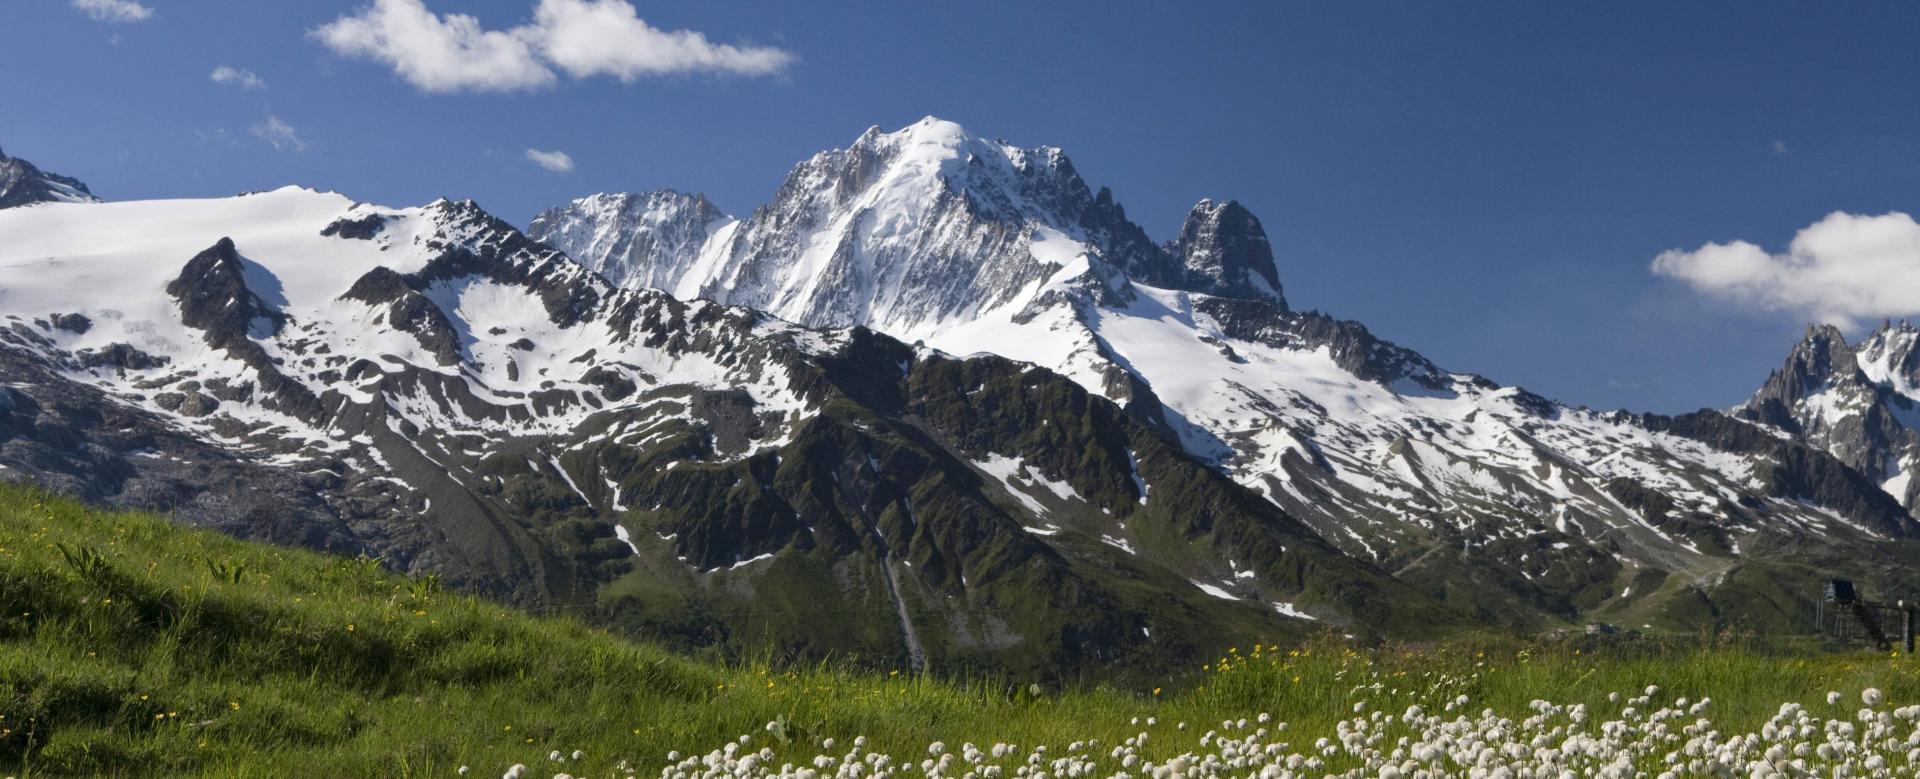 Voyage à pied : Le tour du mont-blanc confort